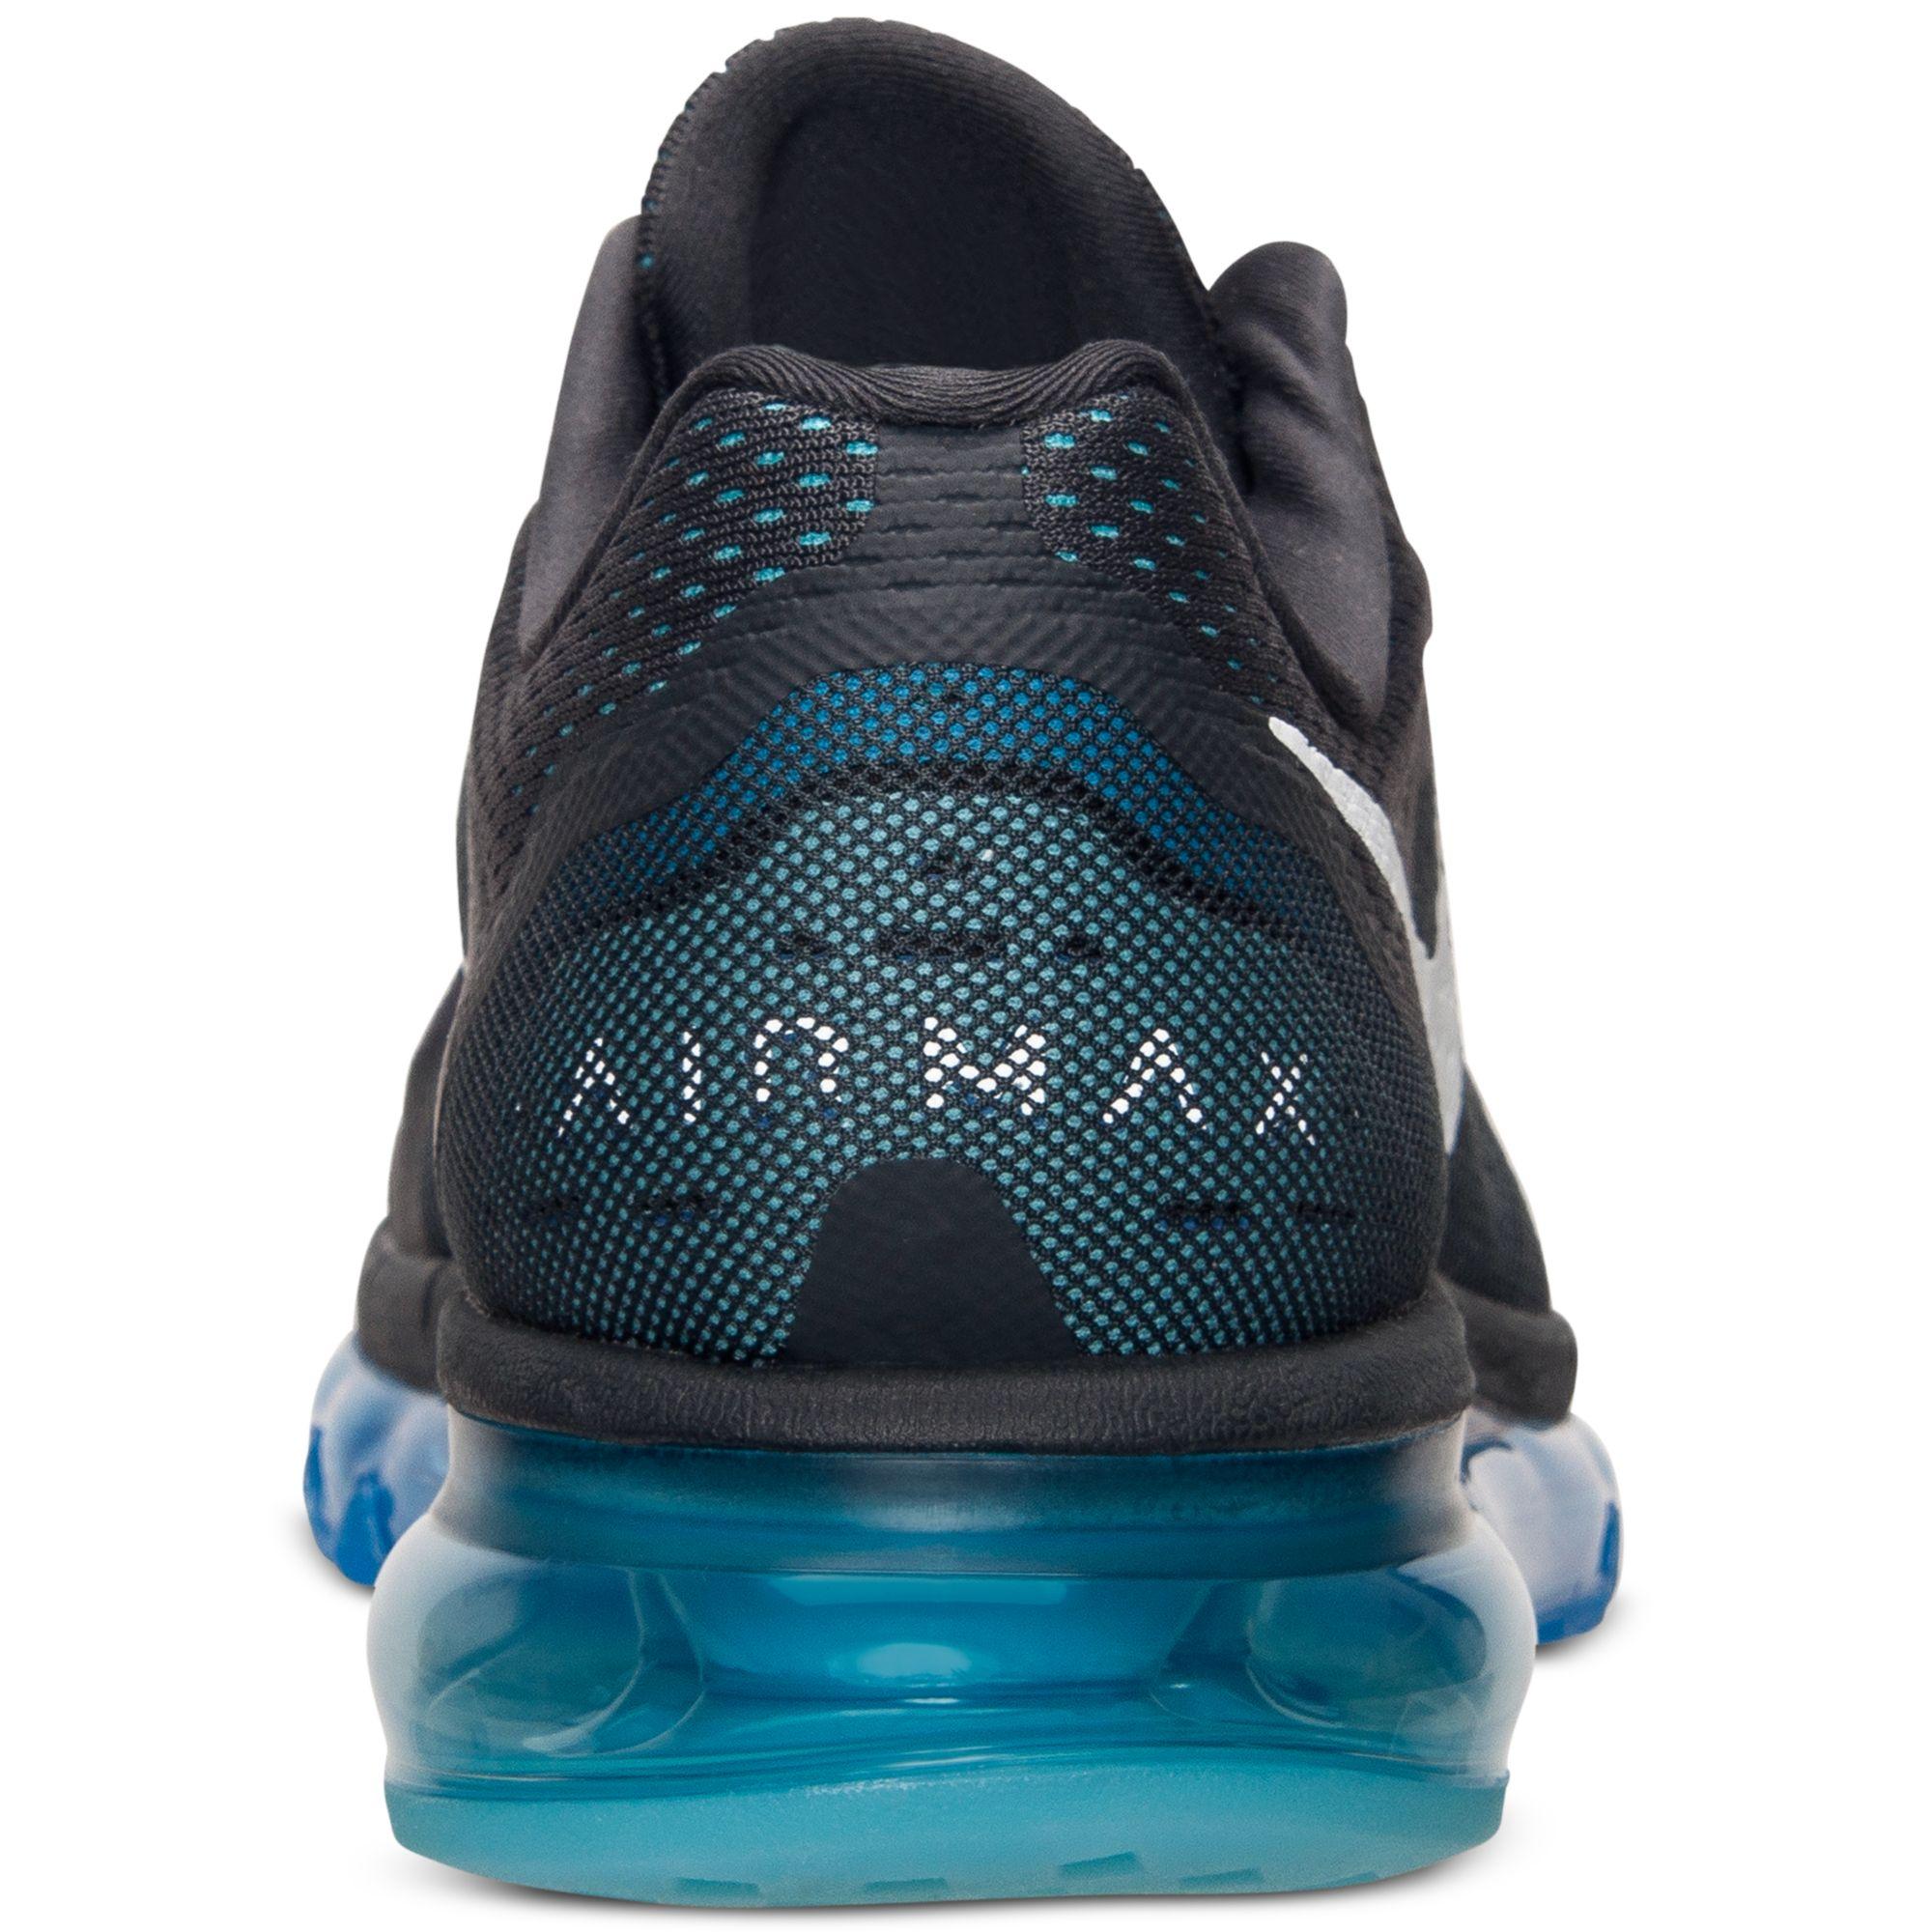 air max 2014 at finish line